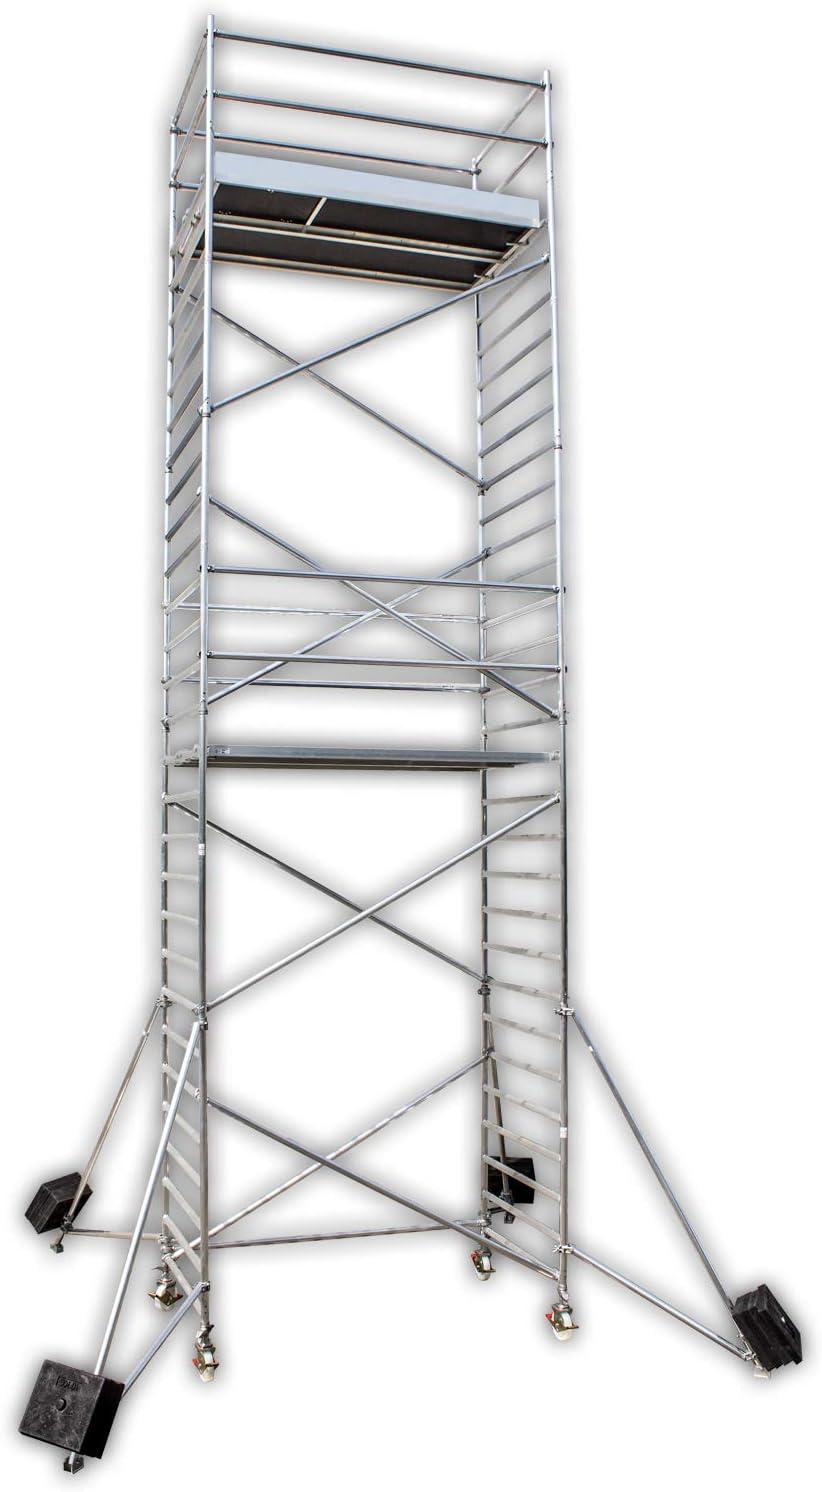 Altec profesional Andamio de aluminio Light 1020 S XXL, Ancho 1,35 m, longitud 2,5 m, altura de trabajo 10,4 M, incluye ruedas y auslegern, certificación TÜV., fabricado en Alemania, Andamio de aluminio,